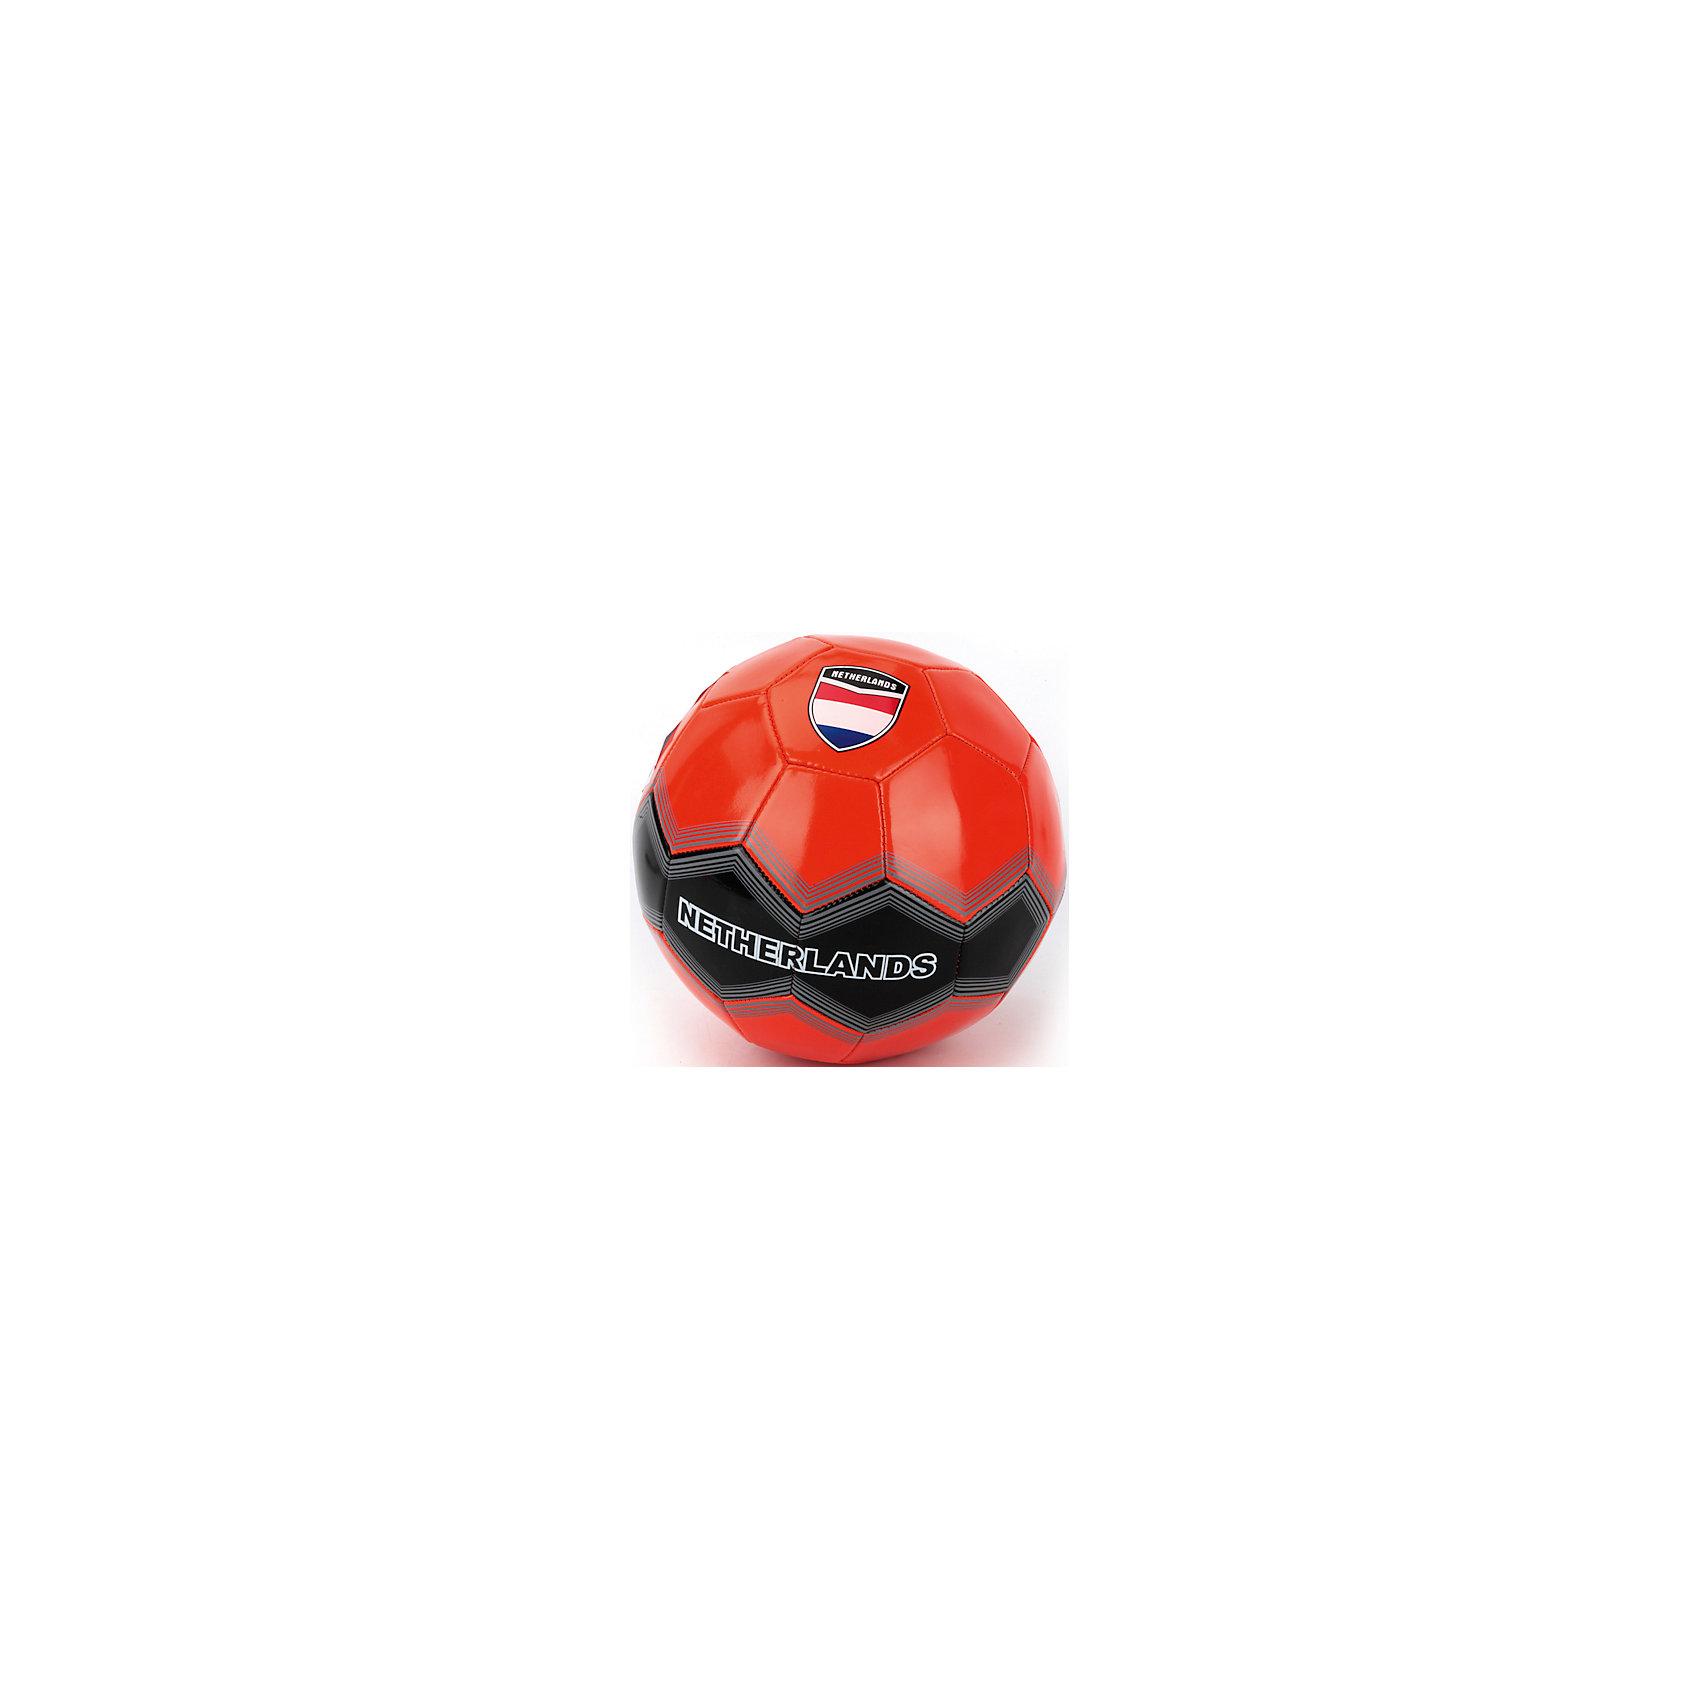 Футбольный мячСборная Нидерландов, АтлетикМячи детские<br>Мяч футбольный лакированный, ПВХ, 1 слой, 270 грамм, дизайн Сборная Нидерландов.<br><br>Ширина мм: 230<br>Глубина мм: 230<br>Высота мм: 230<br>Вес г: 280<br>Возраст от месяцев: 36<br>Возраст до месяцев: 96<br>Пол: Мужской<br>Возраст: Детский<br>SKU: 5528138